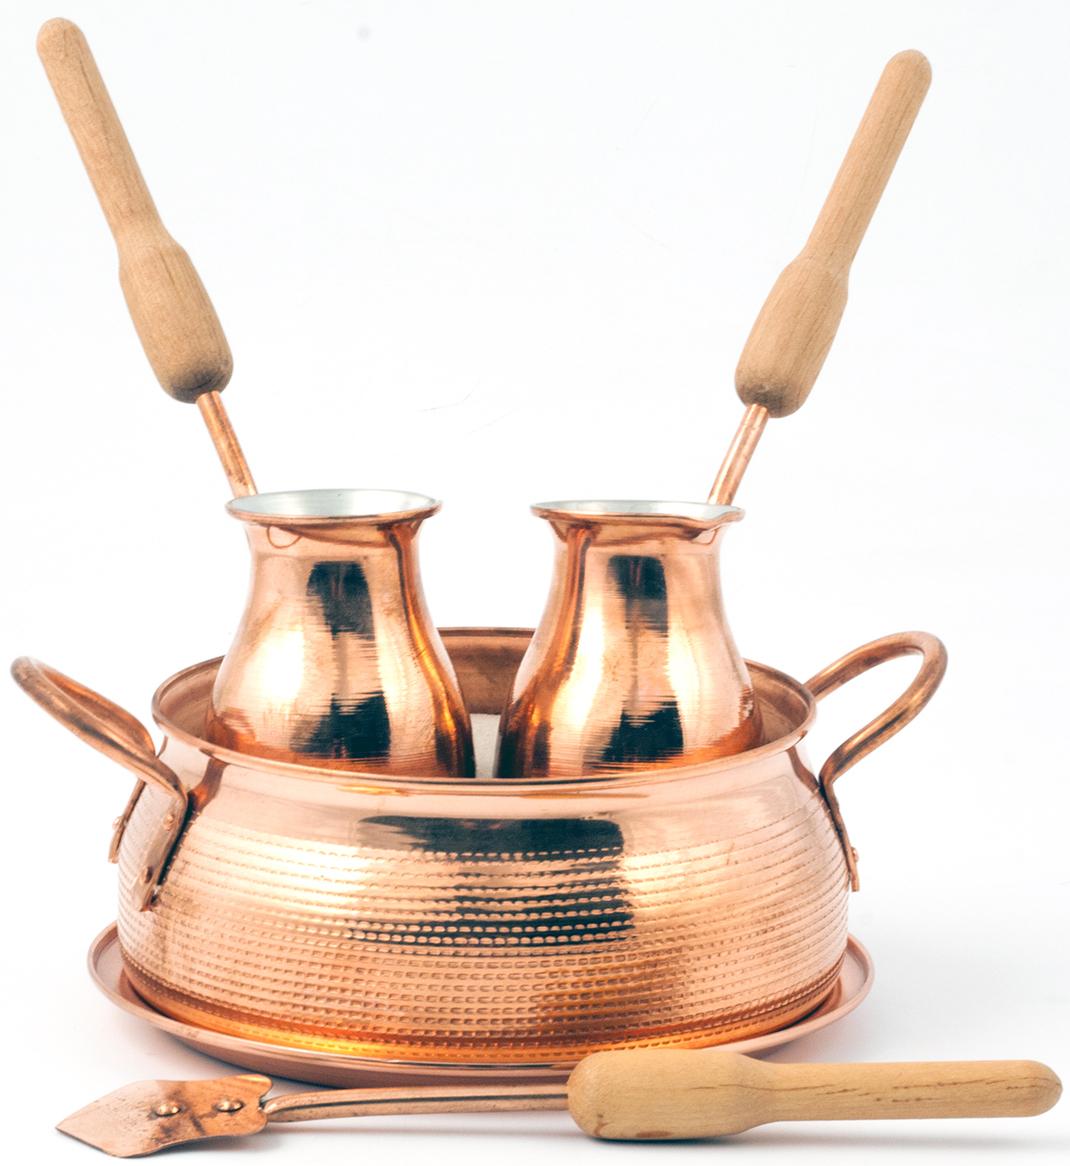 """Набор для приготовления кофе на песке TimA """"Тет-а-Тет"""" состоит из двух турок (150 мл.), подноса (18 см.), жаровни с кварцевым песком и лопатки. Предназначен для приготовления кофе по-восточному в горячем песке в домашних условиях. Благодаря такой технике приготовления, напиток приобретает богатый и насыщенный вкус. У турки, помещенной в горячий песок, прогревается не только дно, но еще и стенки. Жаровню с песком ставим на плиту, чтобы песок прогрелся, равномерно помешиваем его лопаткой, которая входит в набор. Пока песок прогревается всыпаем в турку кофе тонкого помола и заливаем горячей или холодной водой. Далее, погружаем медную турку в горячий песок и легко вращаем ее. Как только в горлышке турки появится пенка, сразу же снимаем ее с песка. Повторяем это действие 2-3 раза, не давая пенке выплеснуться. Как только пенка станет более светлой и воздушной, разливаем кофе в прогретые чашки."""